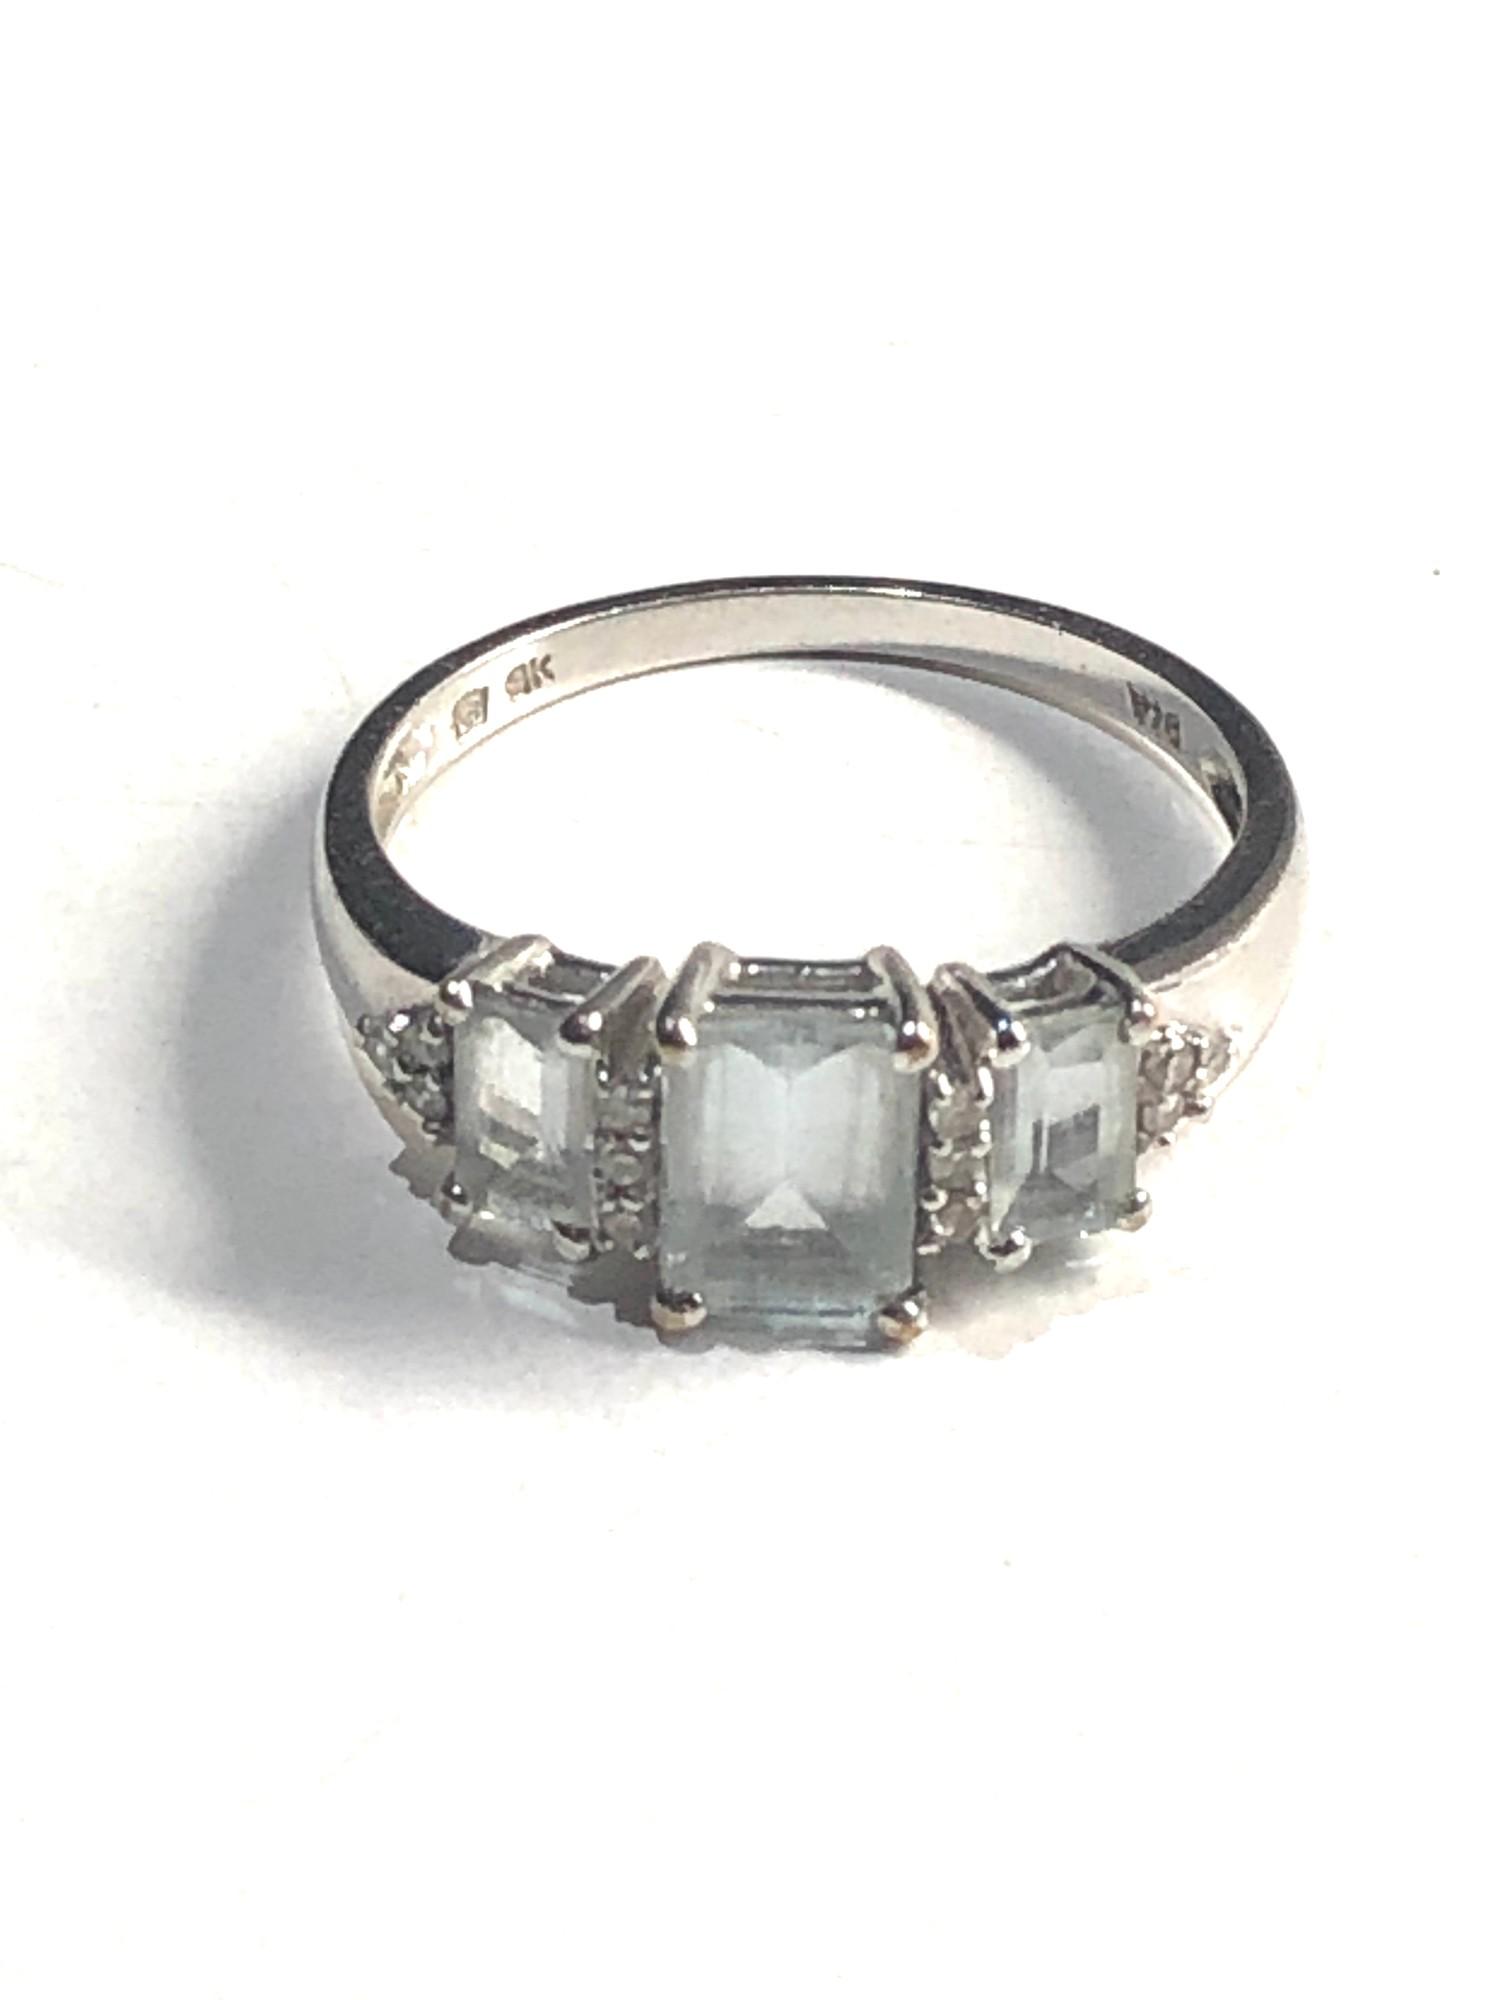 9ct White gold three stone and diamond dress ring 2.5g